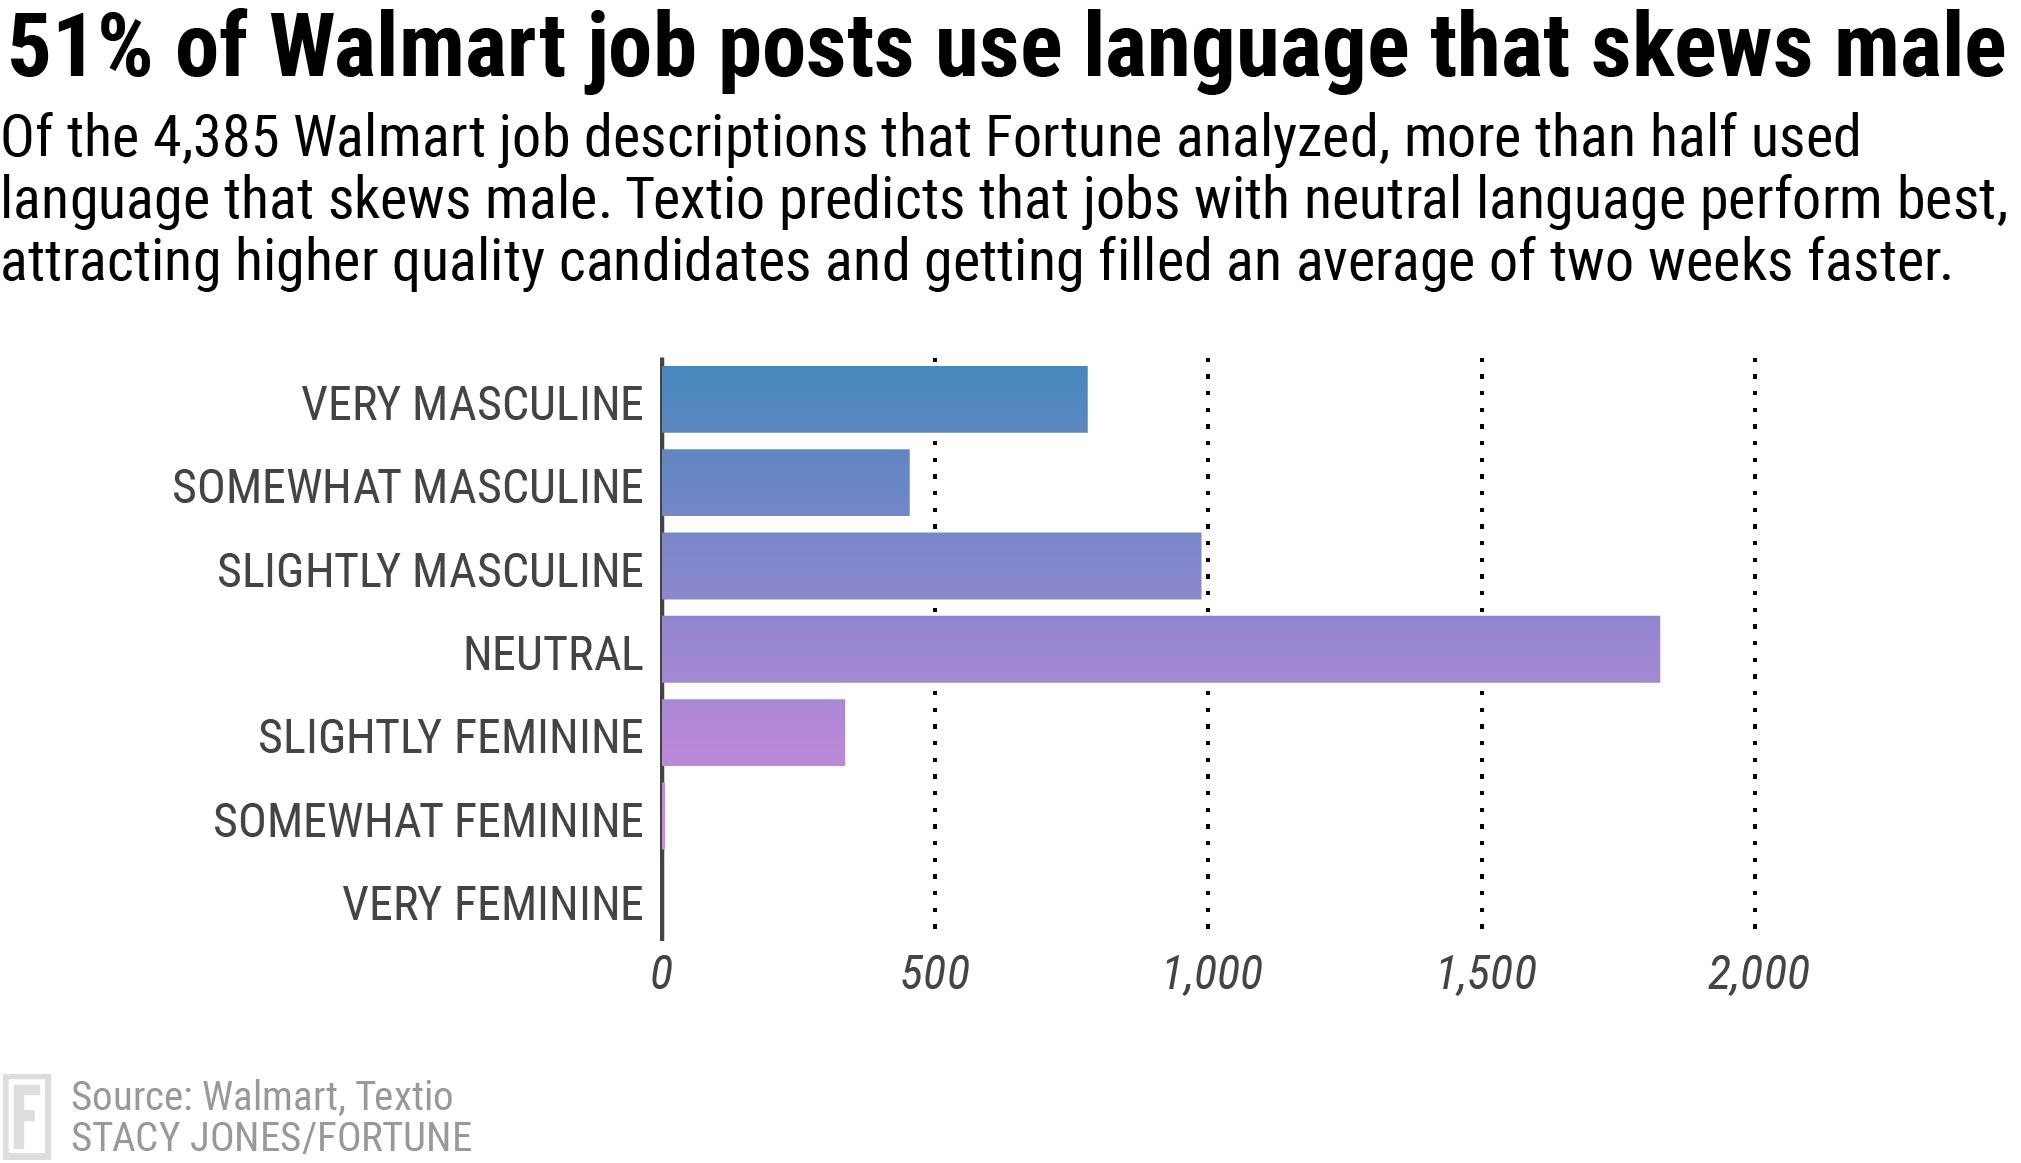 Walmart Jobs: Gender Bias Still a Struggle, Data Shows | Fortune